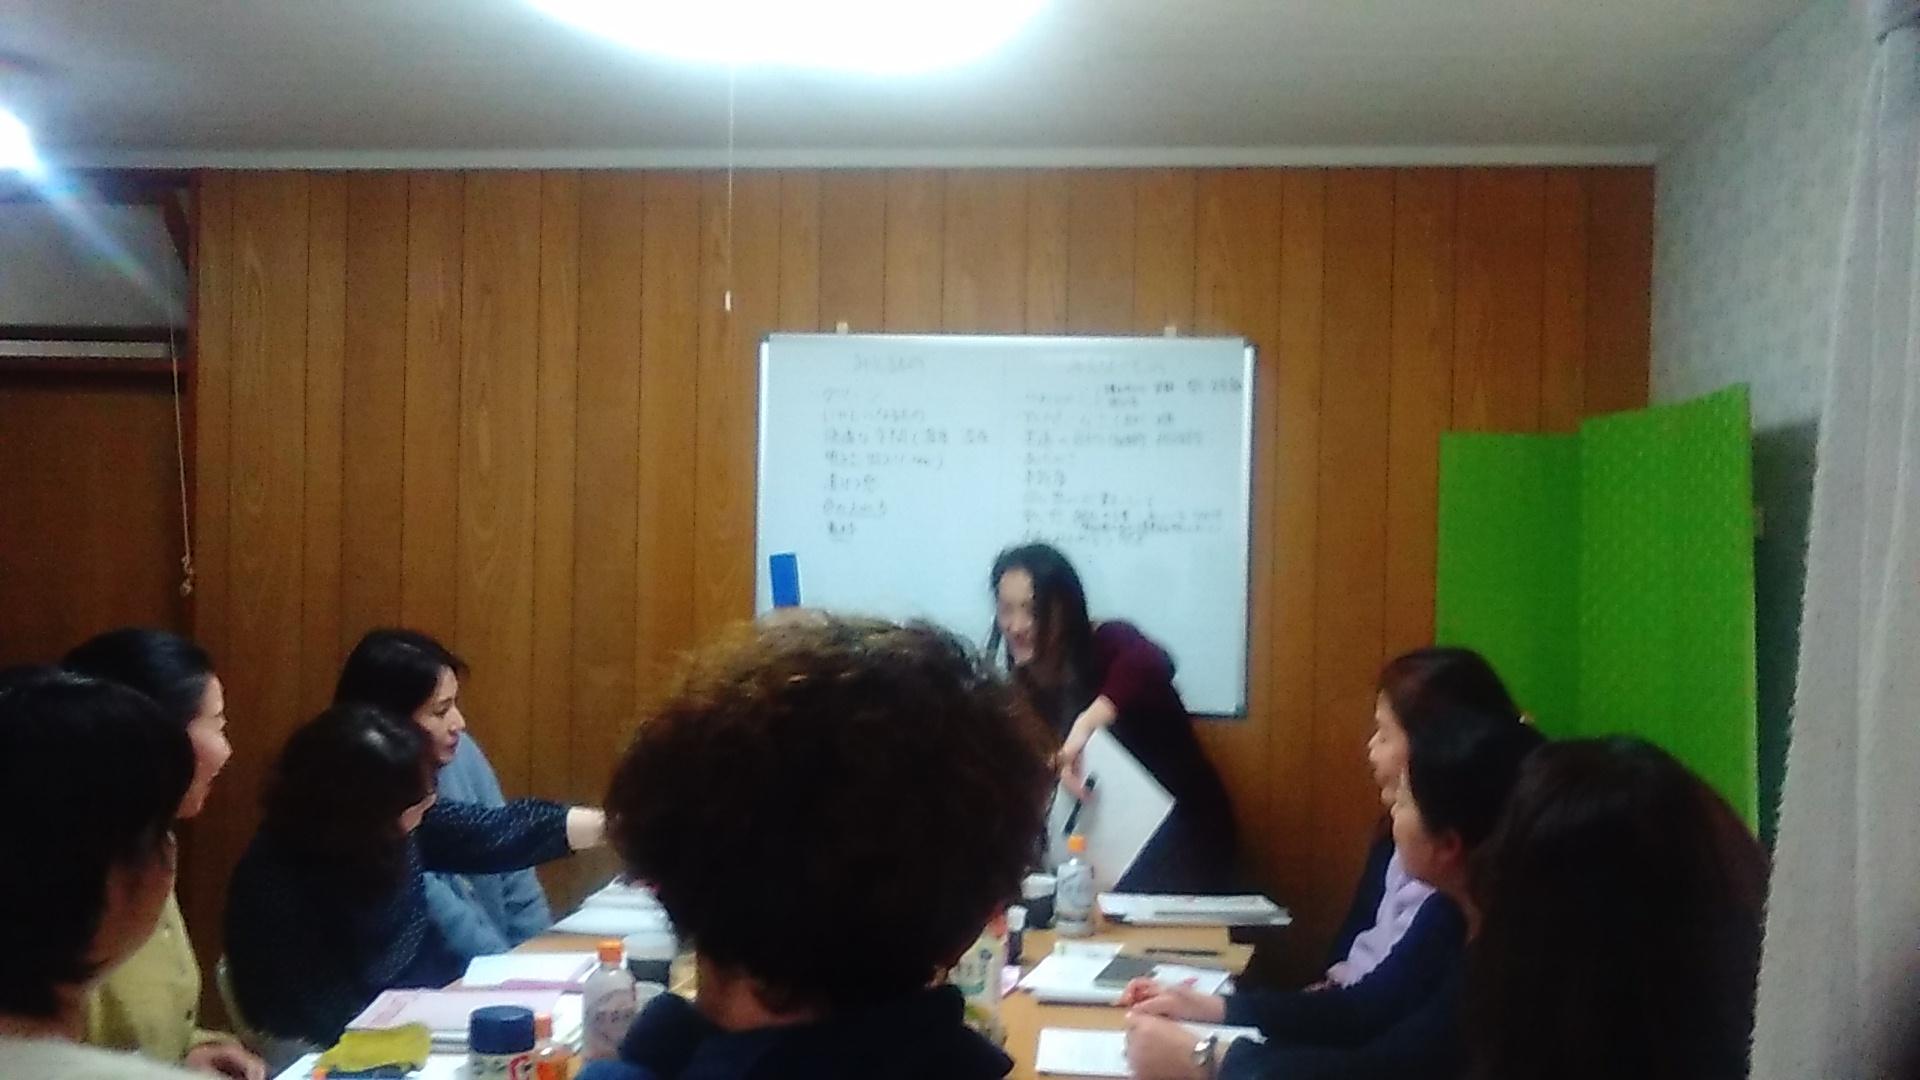 KIMG1482 - 胎内記憶教育協会、講師養成講座第5期の最終講義